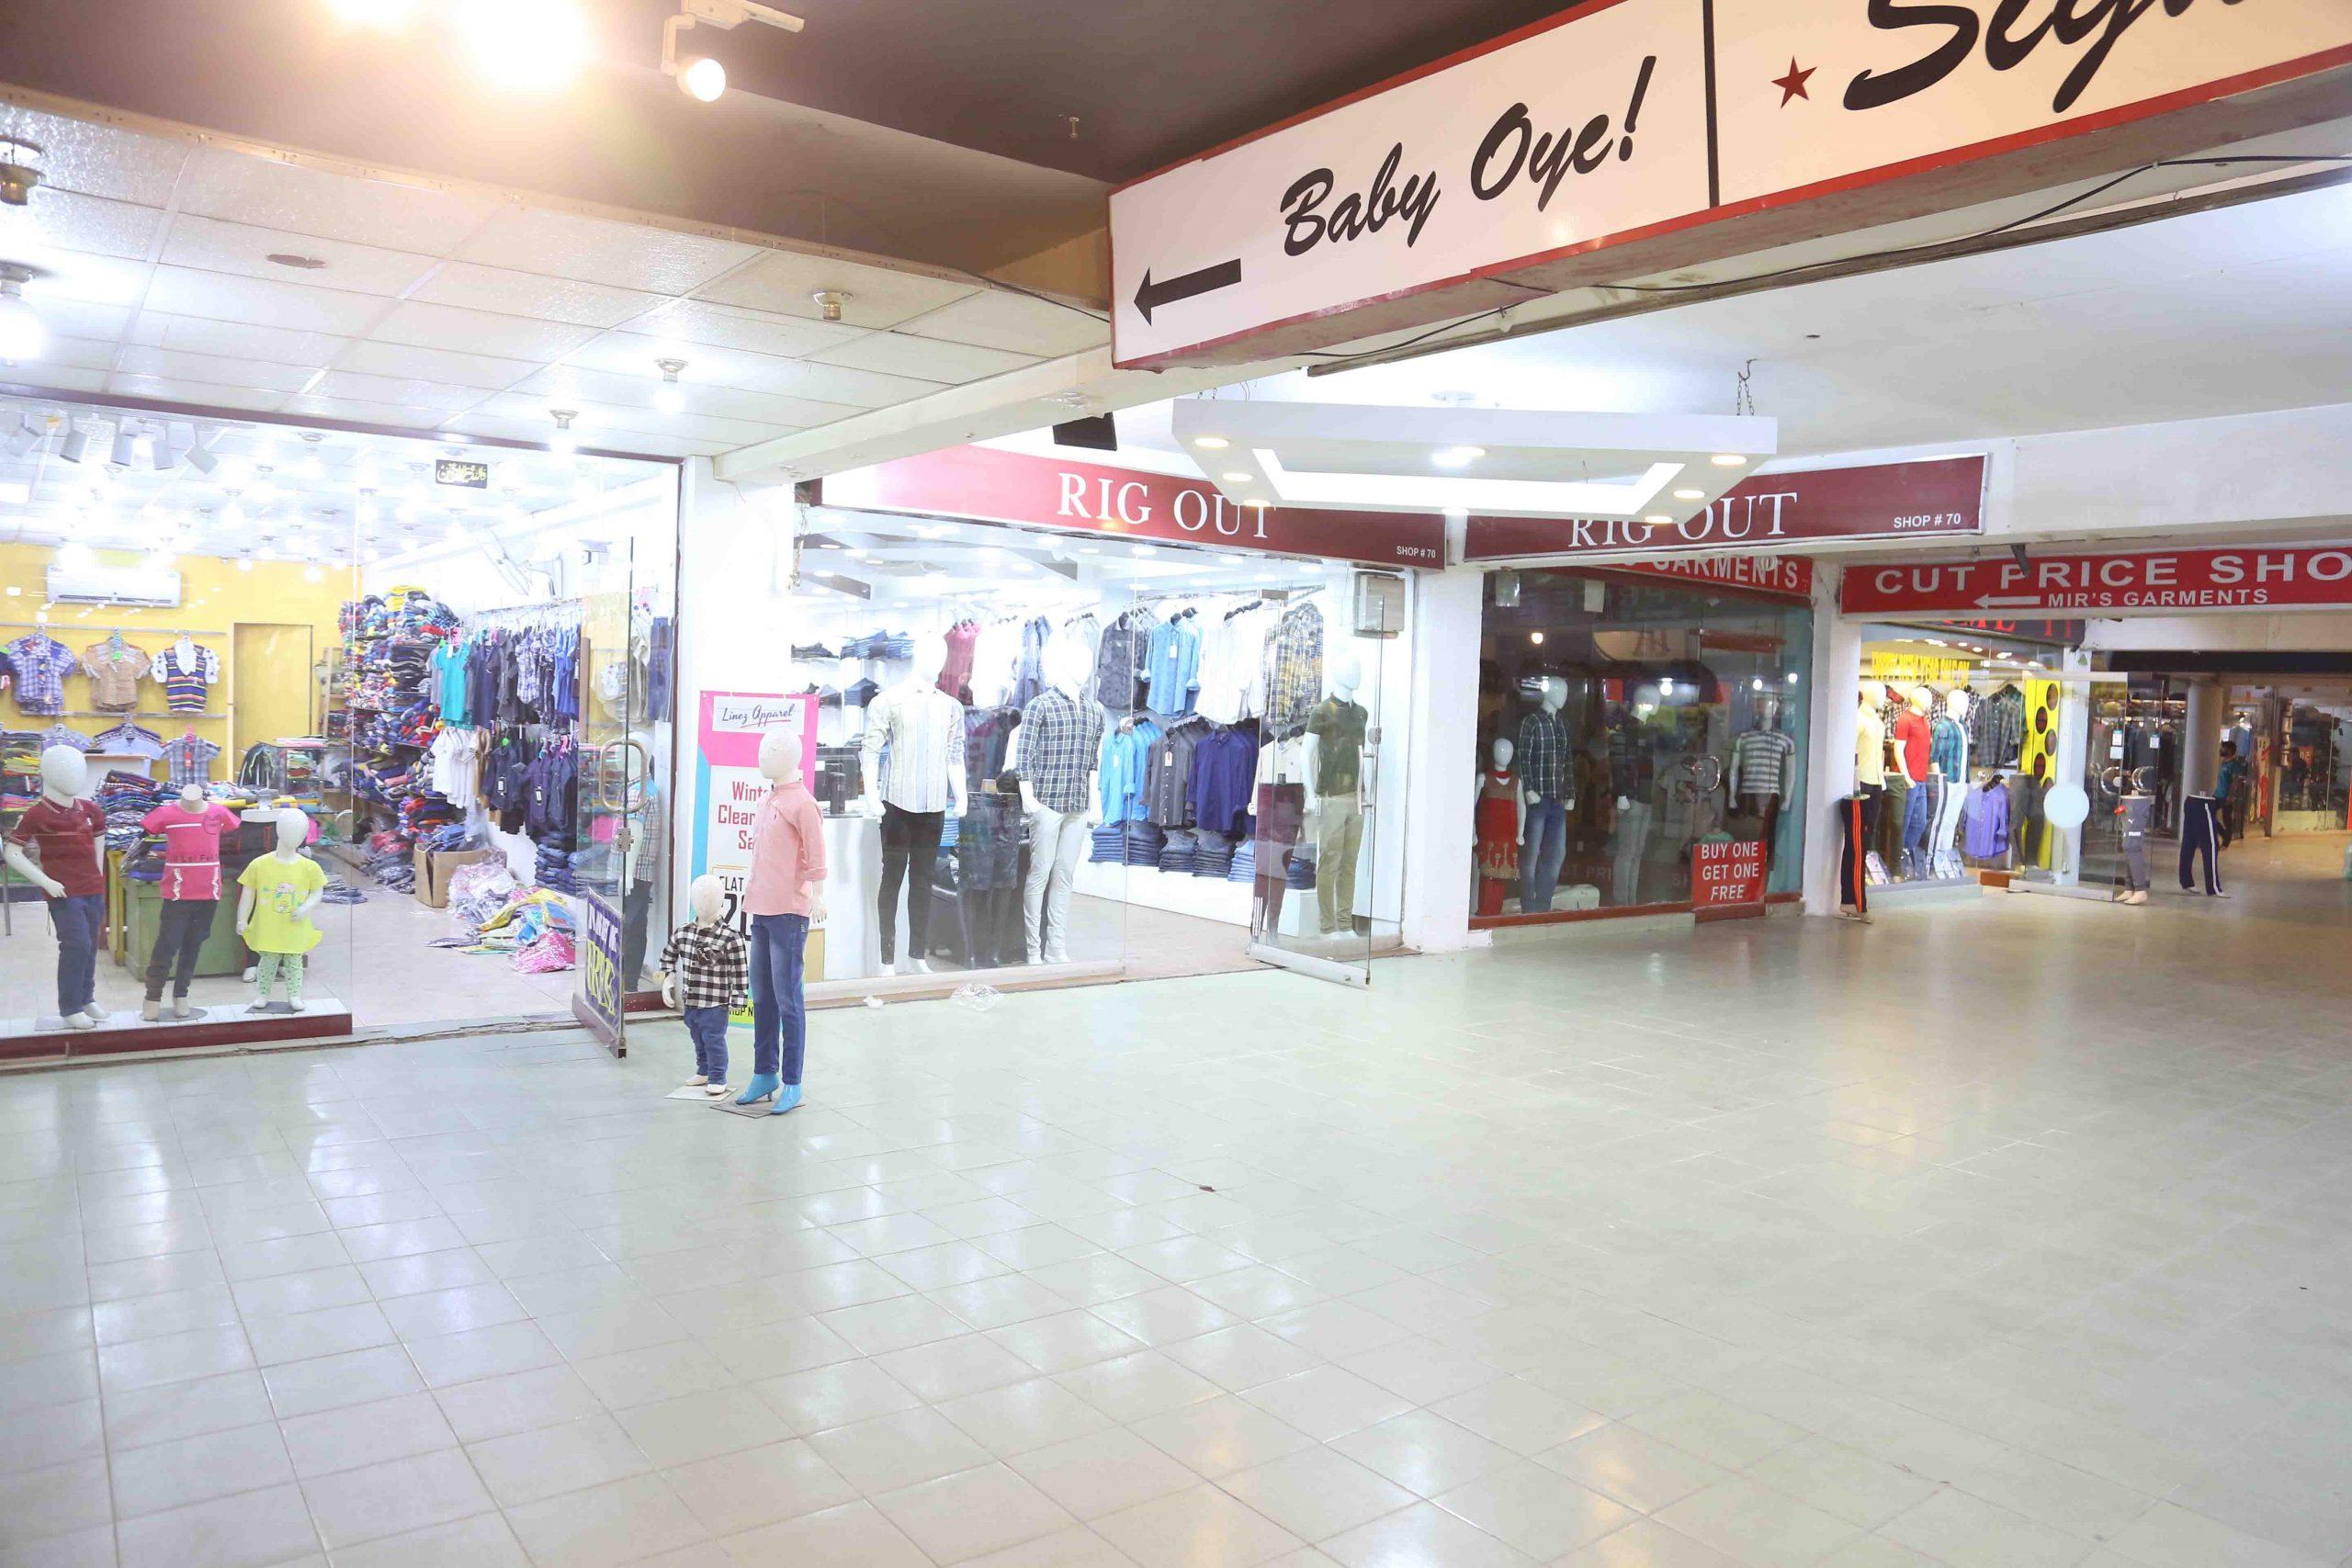 Zarkon Plaza 2 Saddar Rawalpindi Interior Views - FAH33M (4) - Q-L0-BO